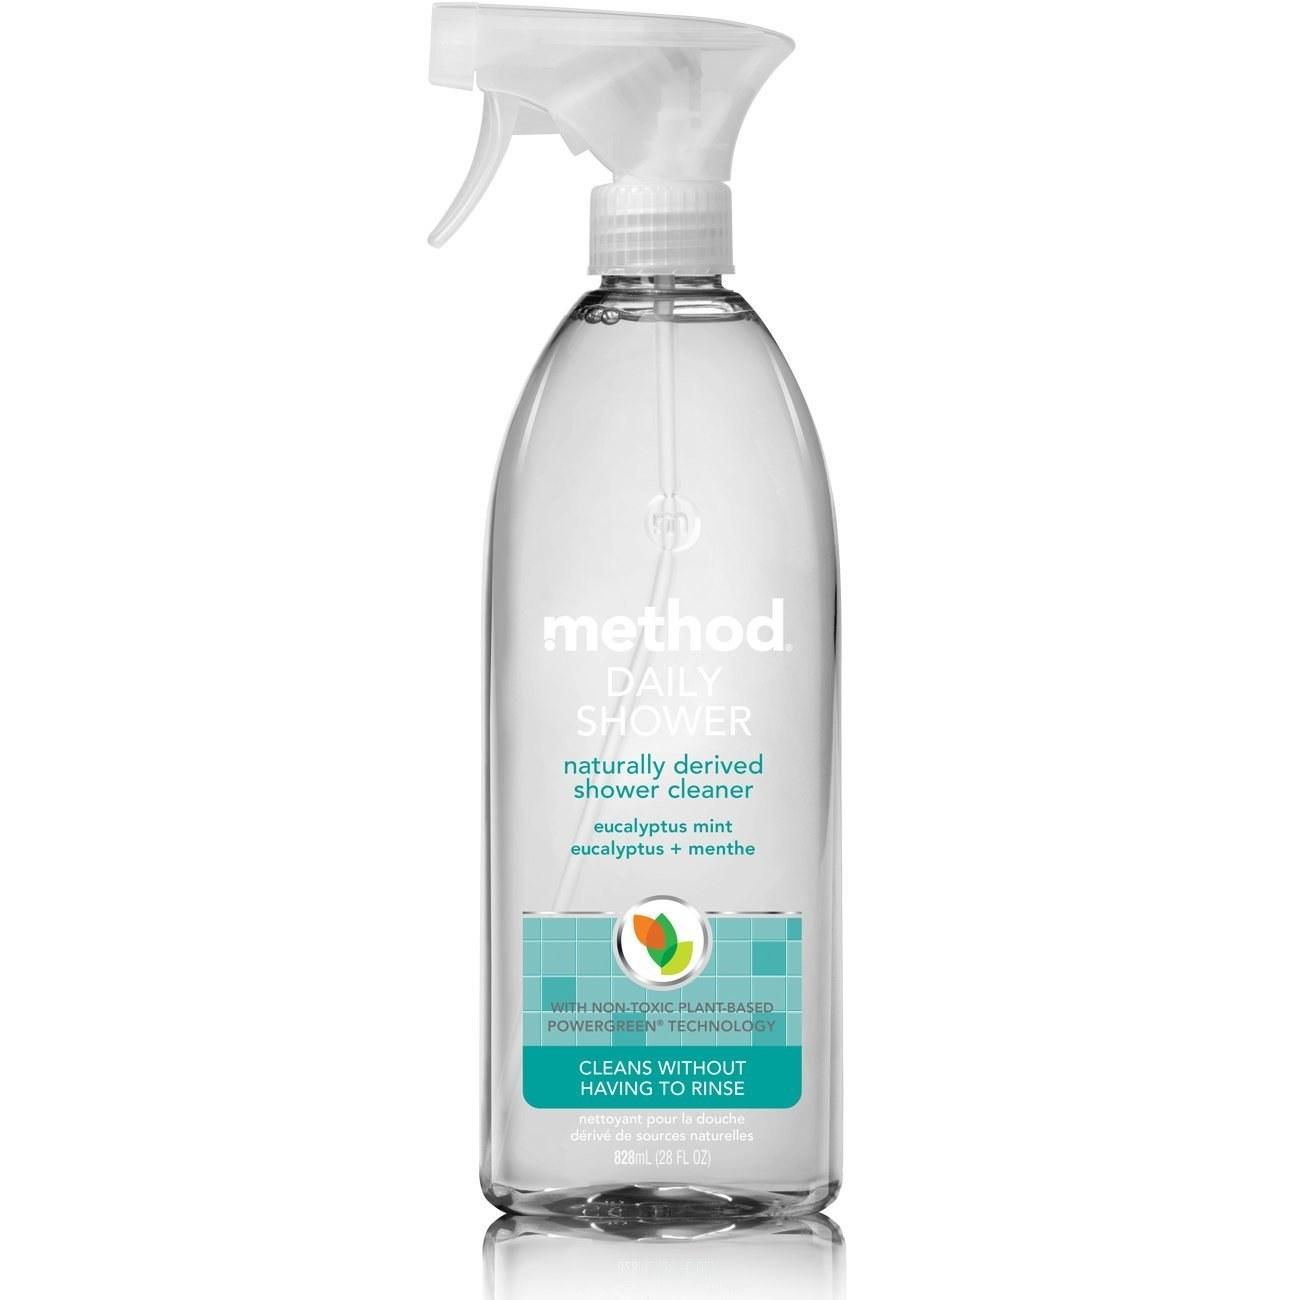 The bottle of eucalyptus mint cleaner